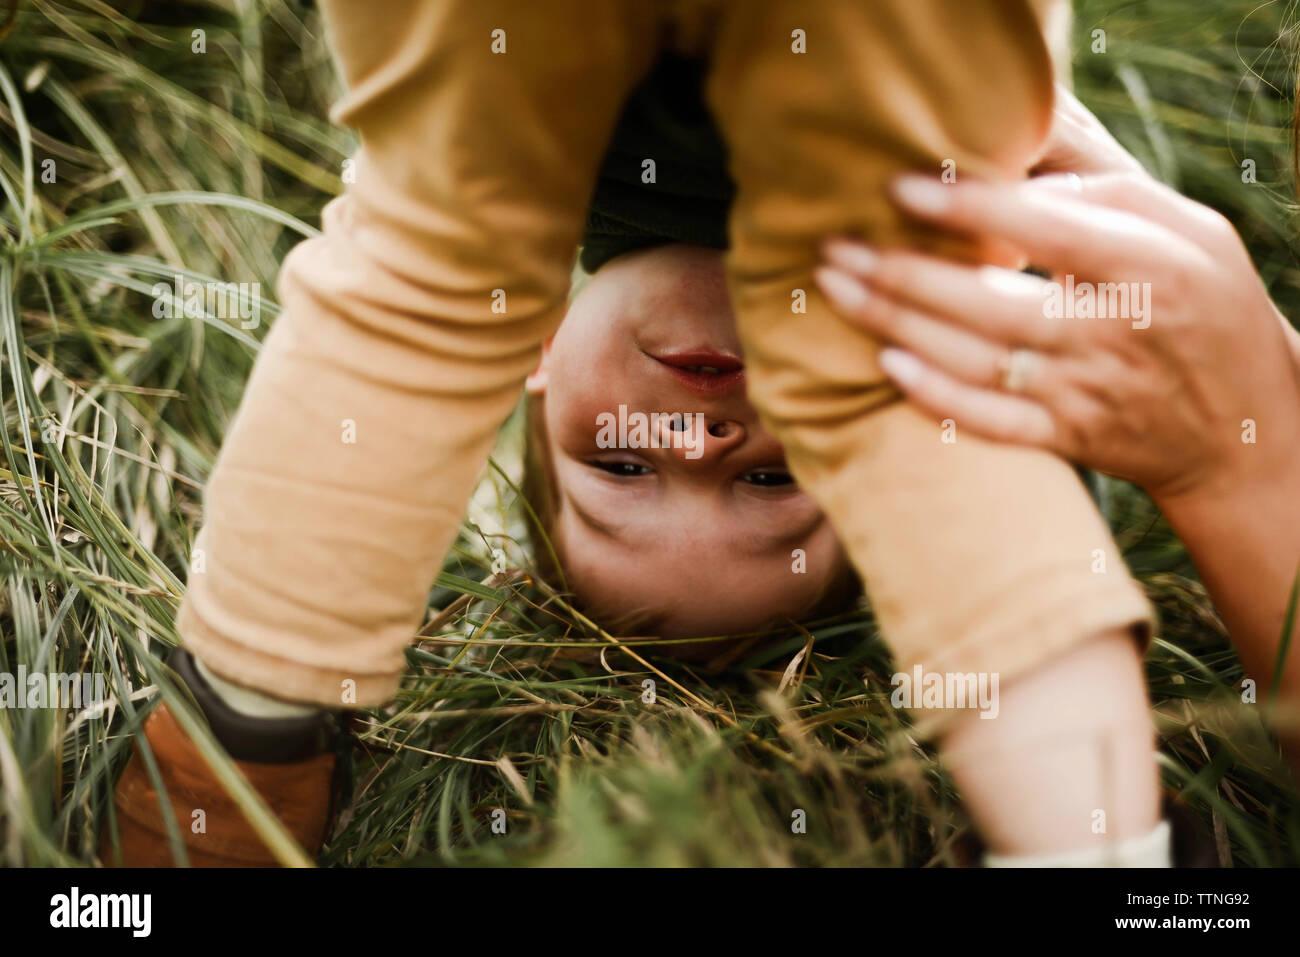 Ritratto di un ragazzino con la testa in giù a giocare al di fuori in estate Foto Stock